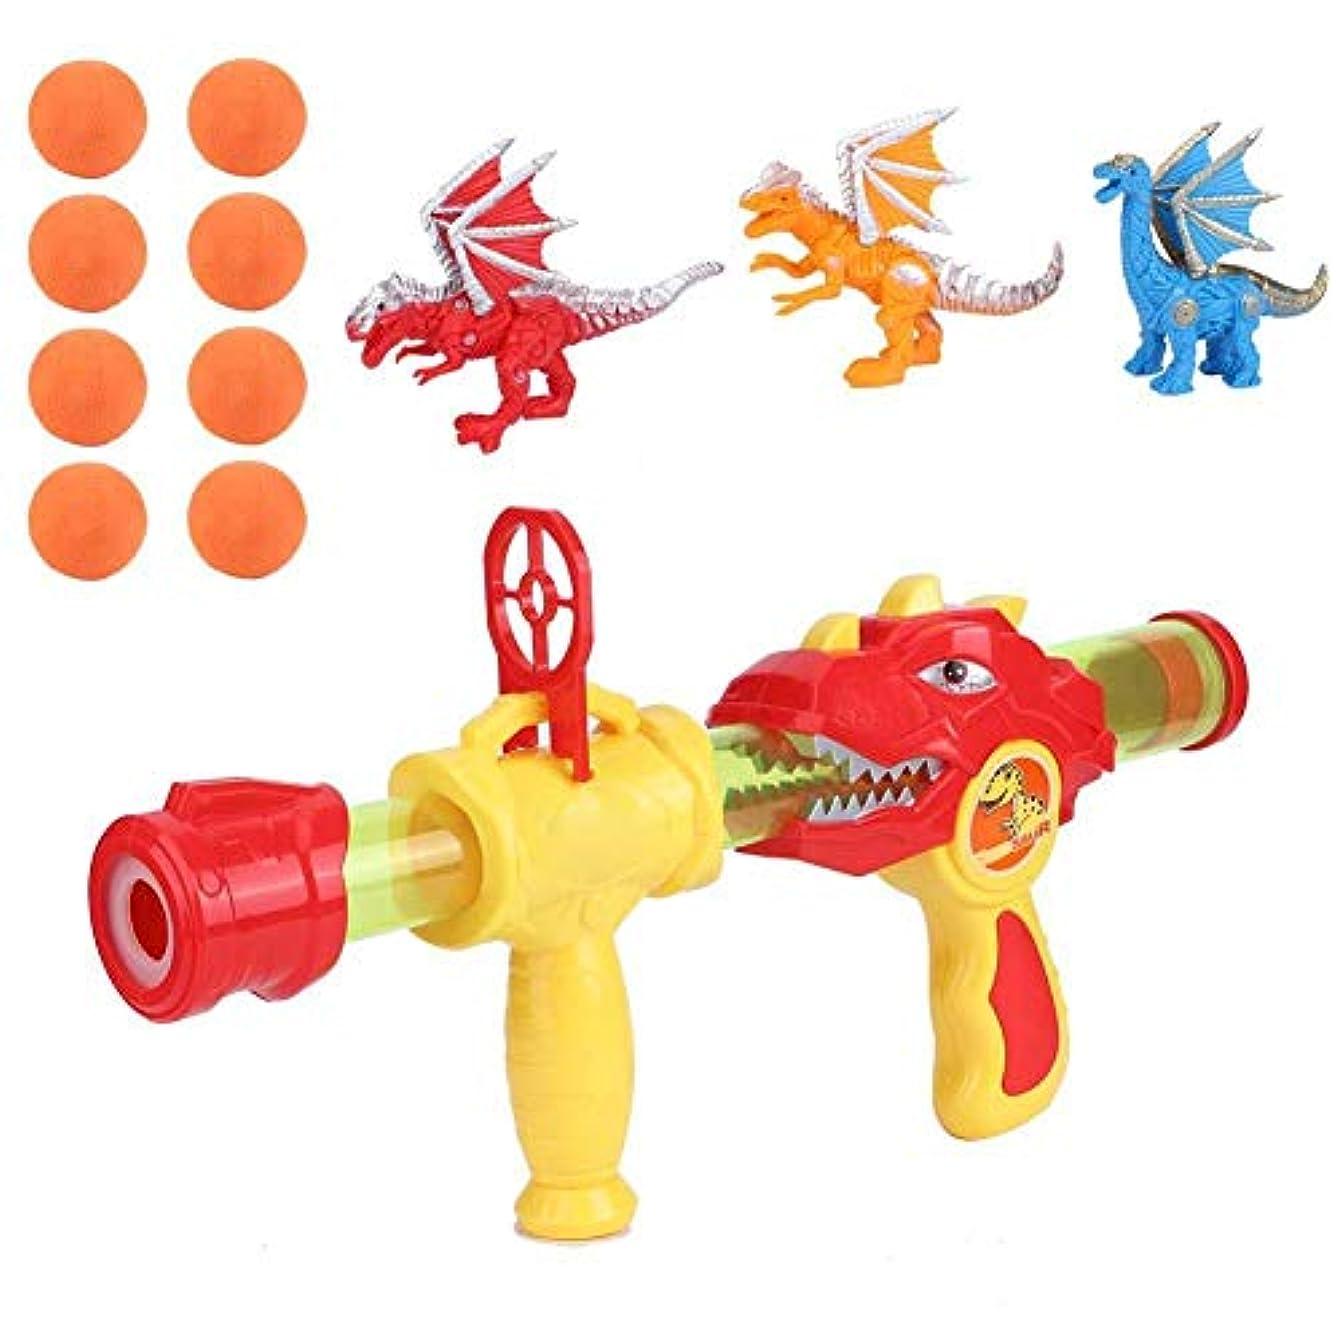 代数的著作権柔らかい子供の恐竜の子供のためのプラスチック製の恐竜の漫画のおもちゃ、子供のおもちゃ